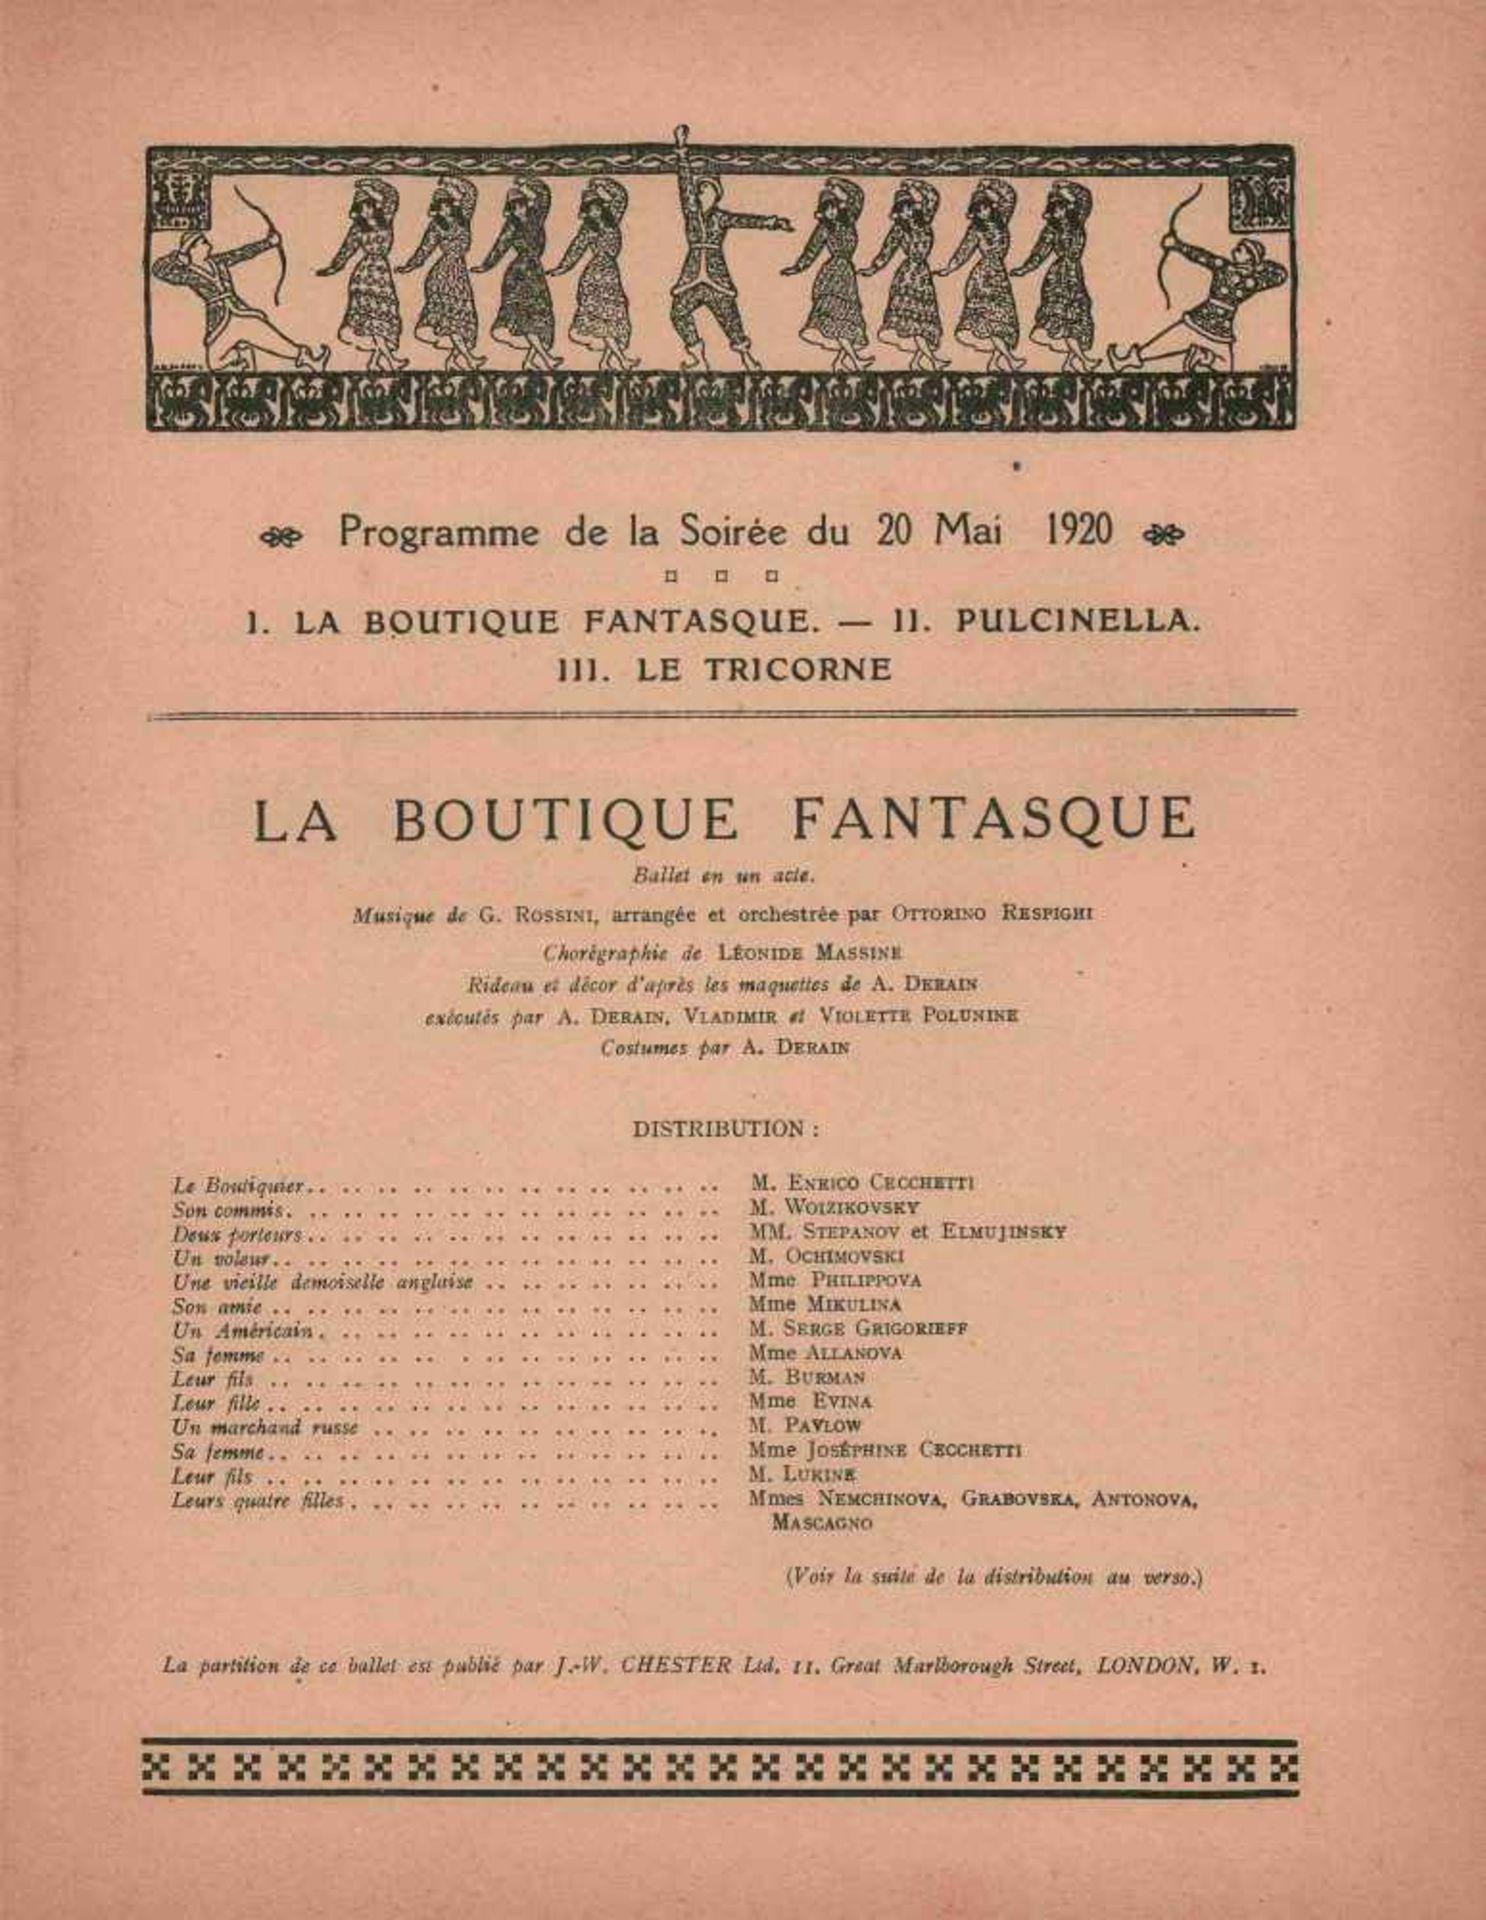 [BALLETS RUSSES, MATISSE, SERT, PICASSO, DIAGHILEW] Ballets Russes des Sergei Djagilew, 12. - Bild 2 aus 2